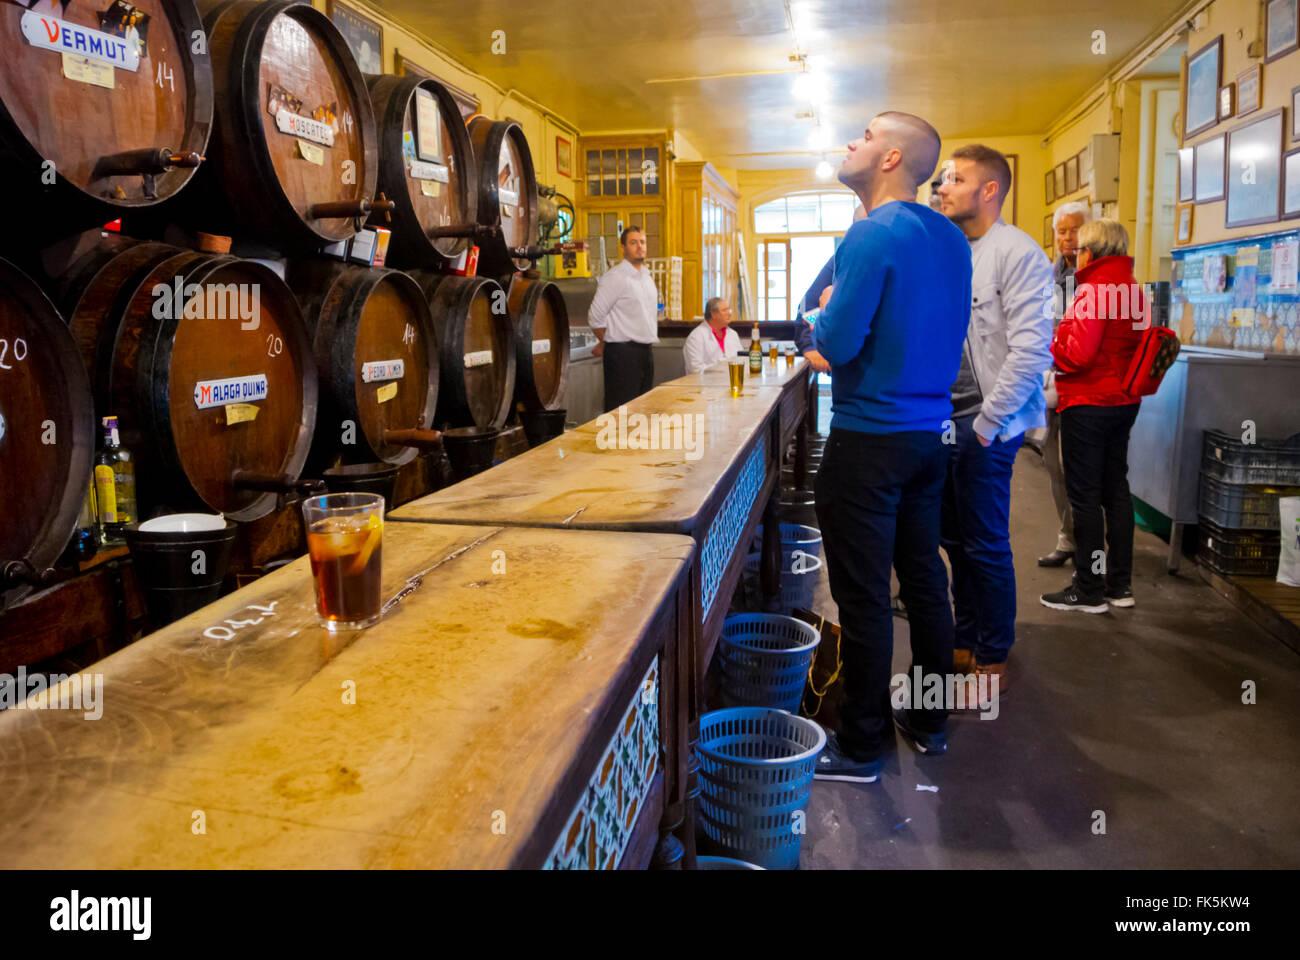 Antigua Casa de Guardia, wine bar, Malaga, Andalucia, Spain - Stock Image